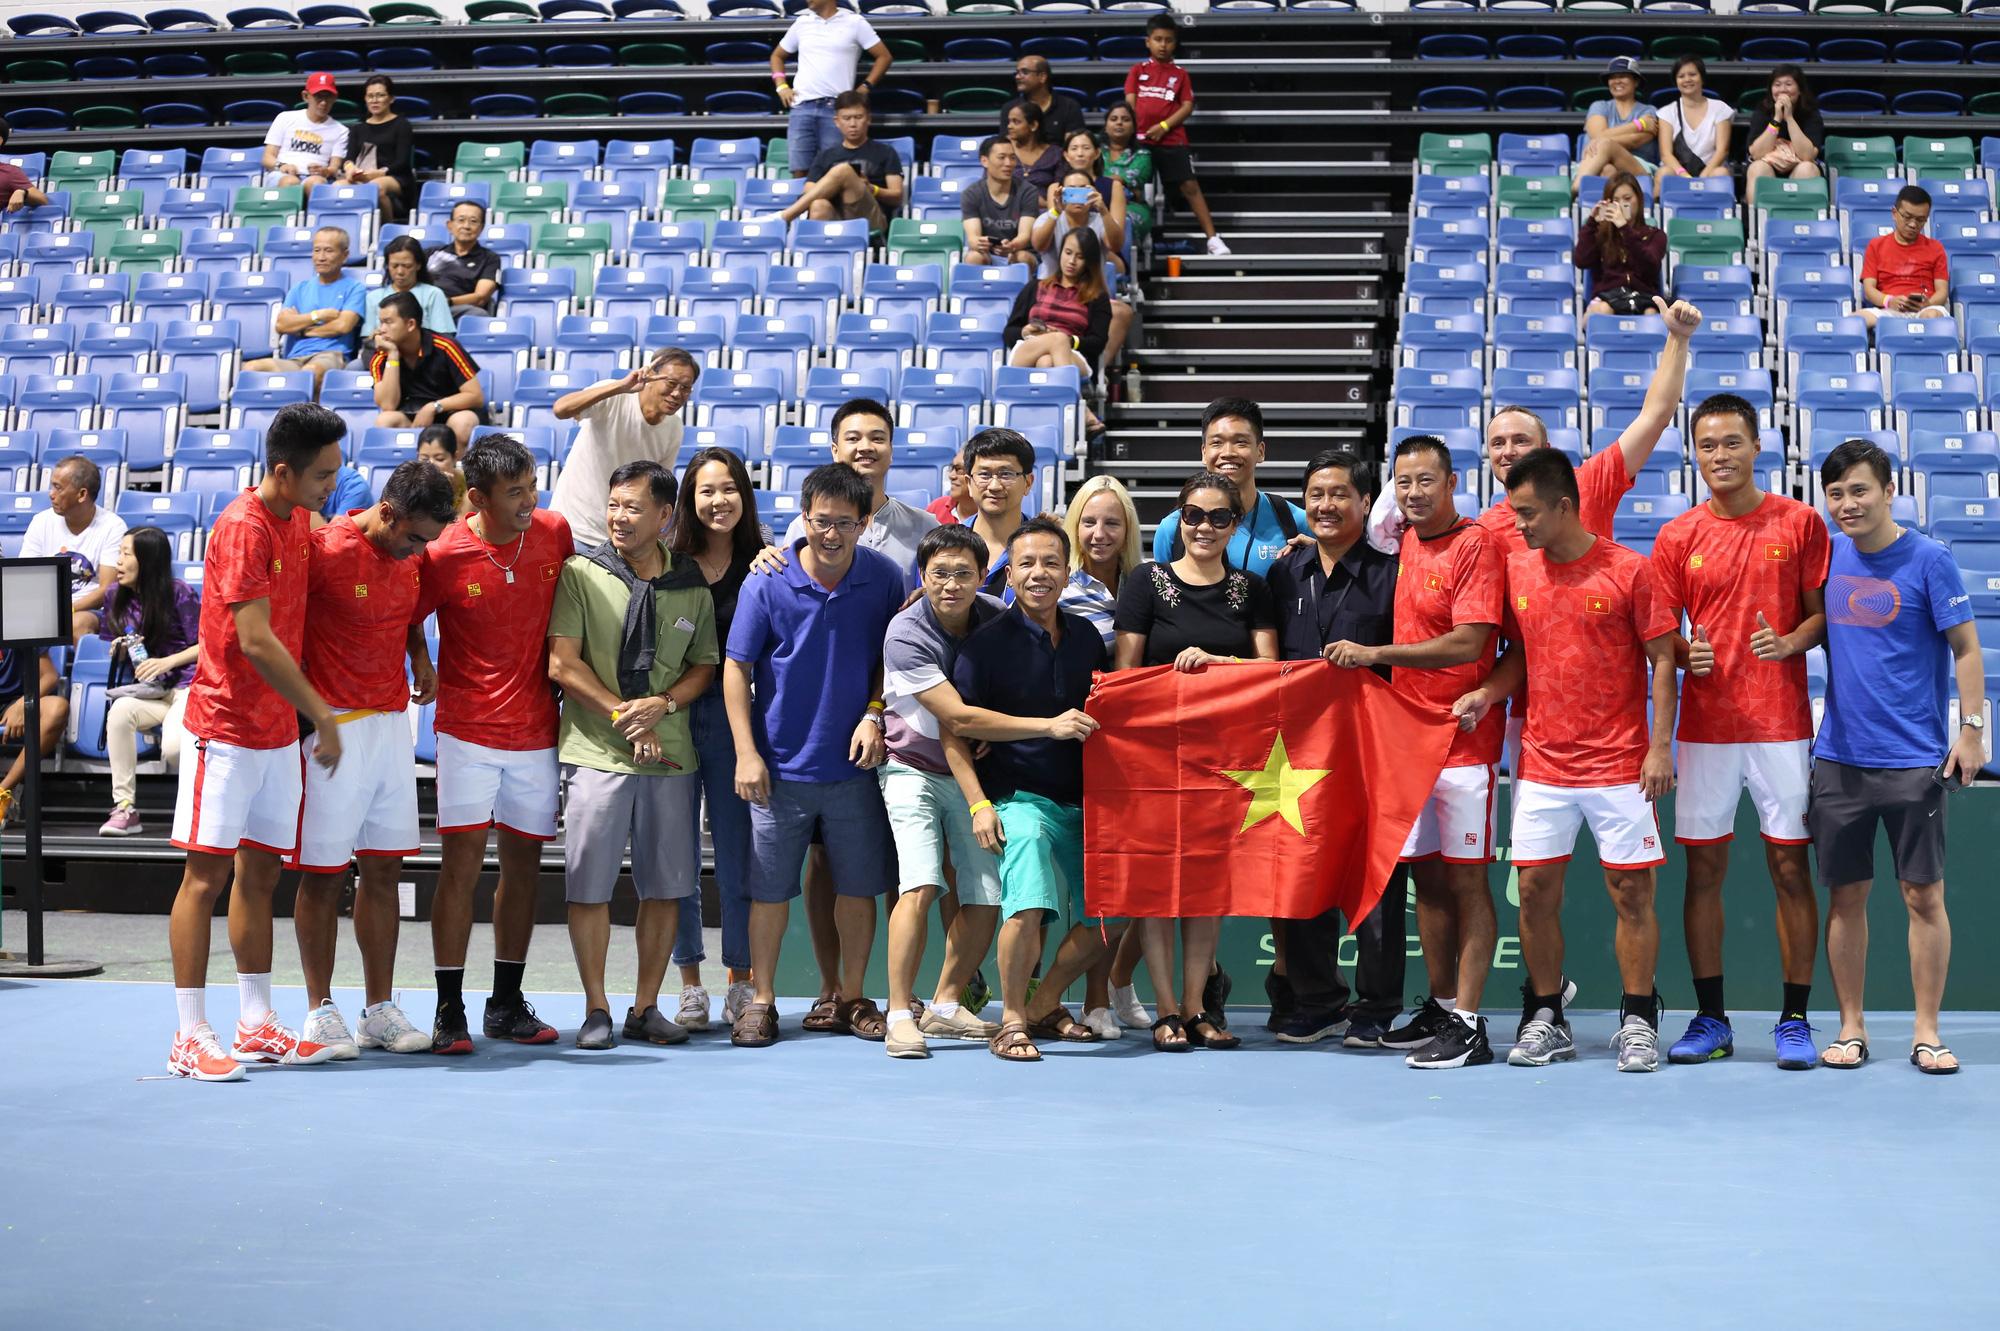 Hình ảnh: Tuyển quần vợt Việt Nam sắp dự Davis Cup nhóm III khu vực Châu Á – Thái Bình Dương 2021 số 3